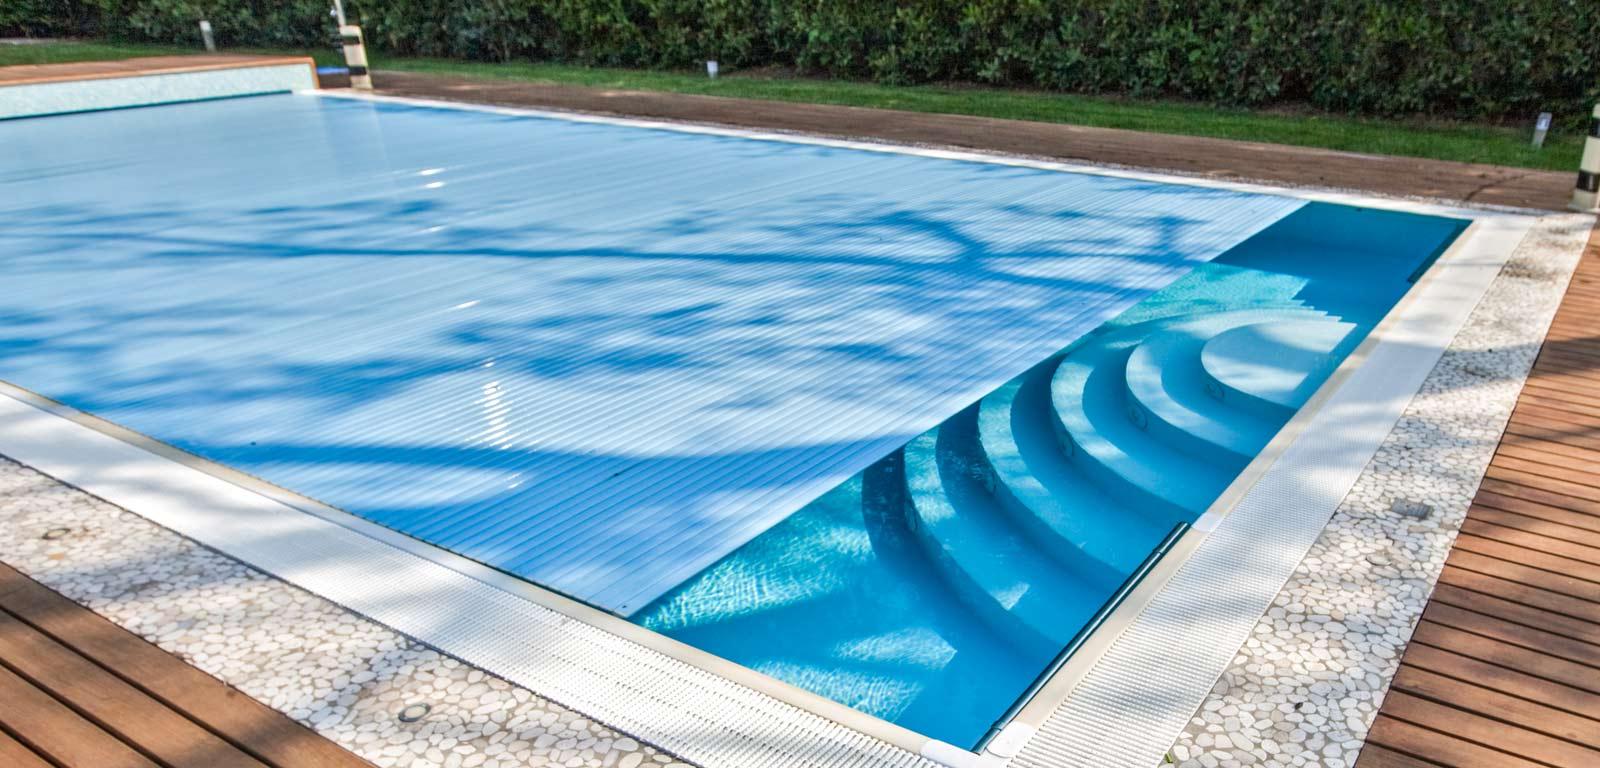 Coperture per piscine accessori piscine castiglione for Teli per piscine interrate